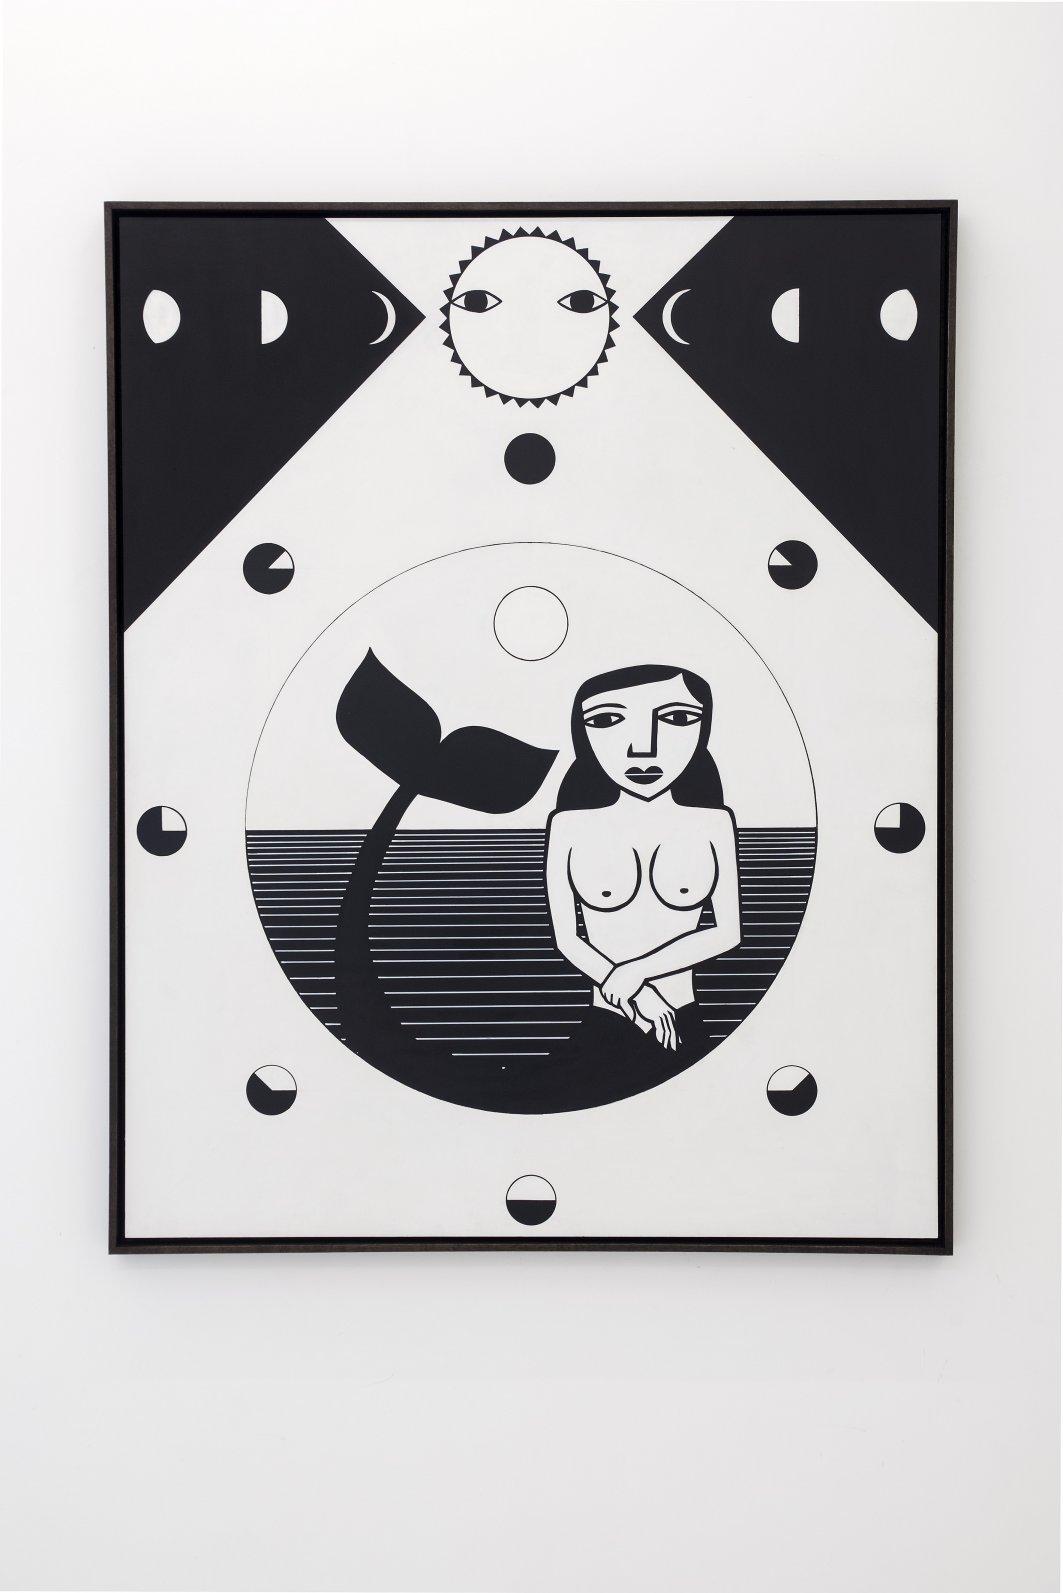 Fases da lua, aparecimento da sereia (2018) - Derlon Almeida de Lima